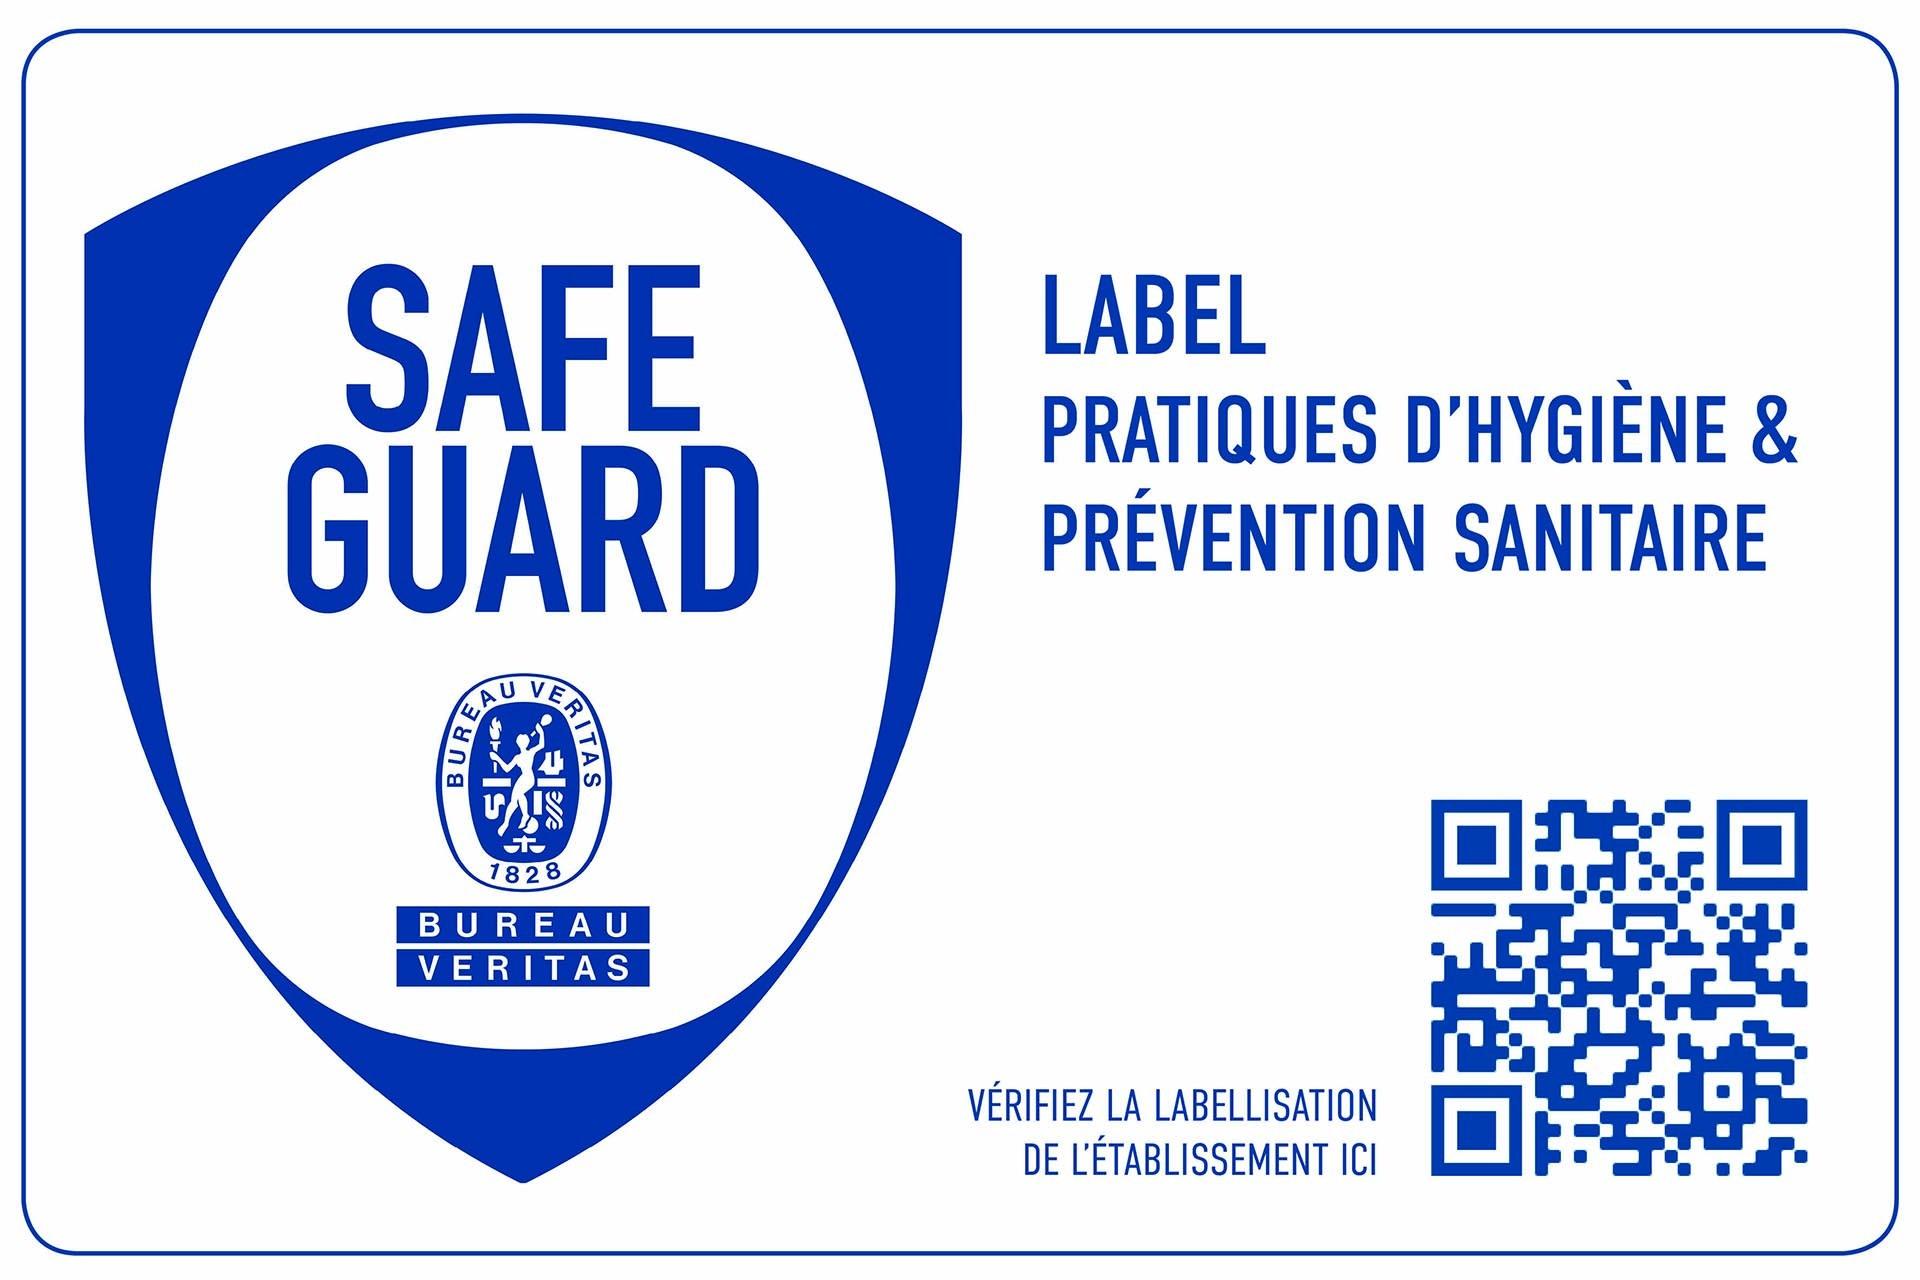 Le label Safe Guard